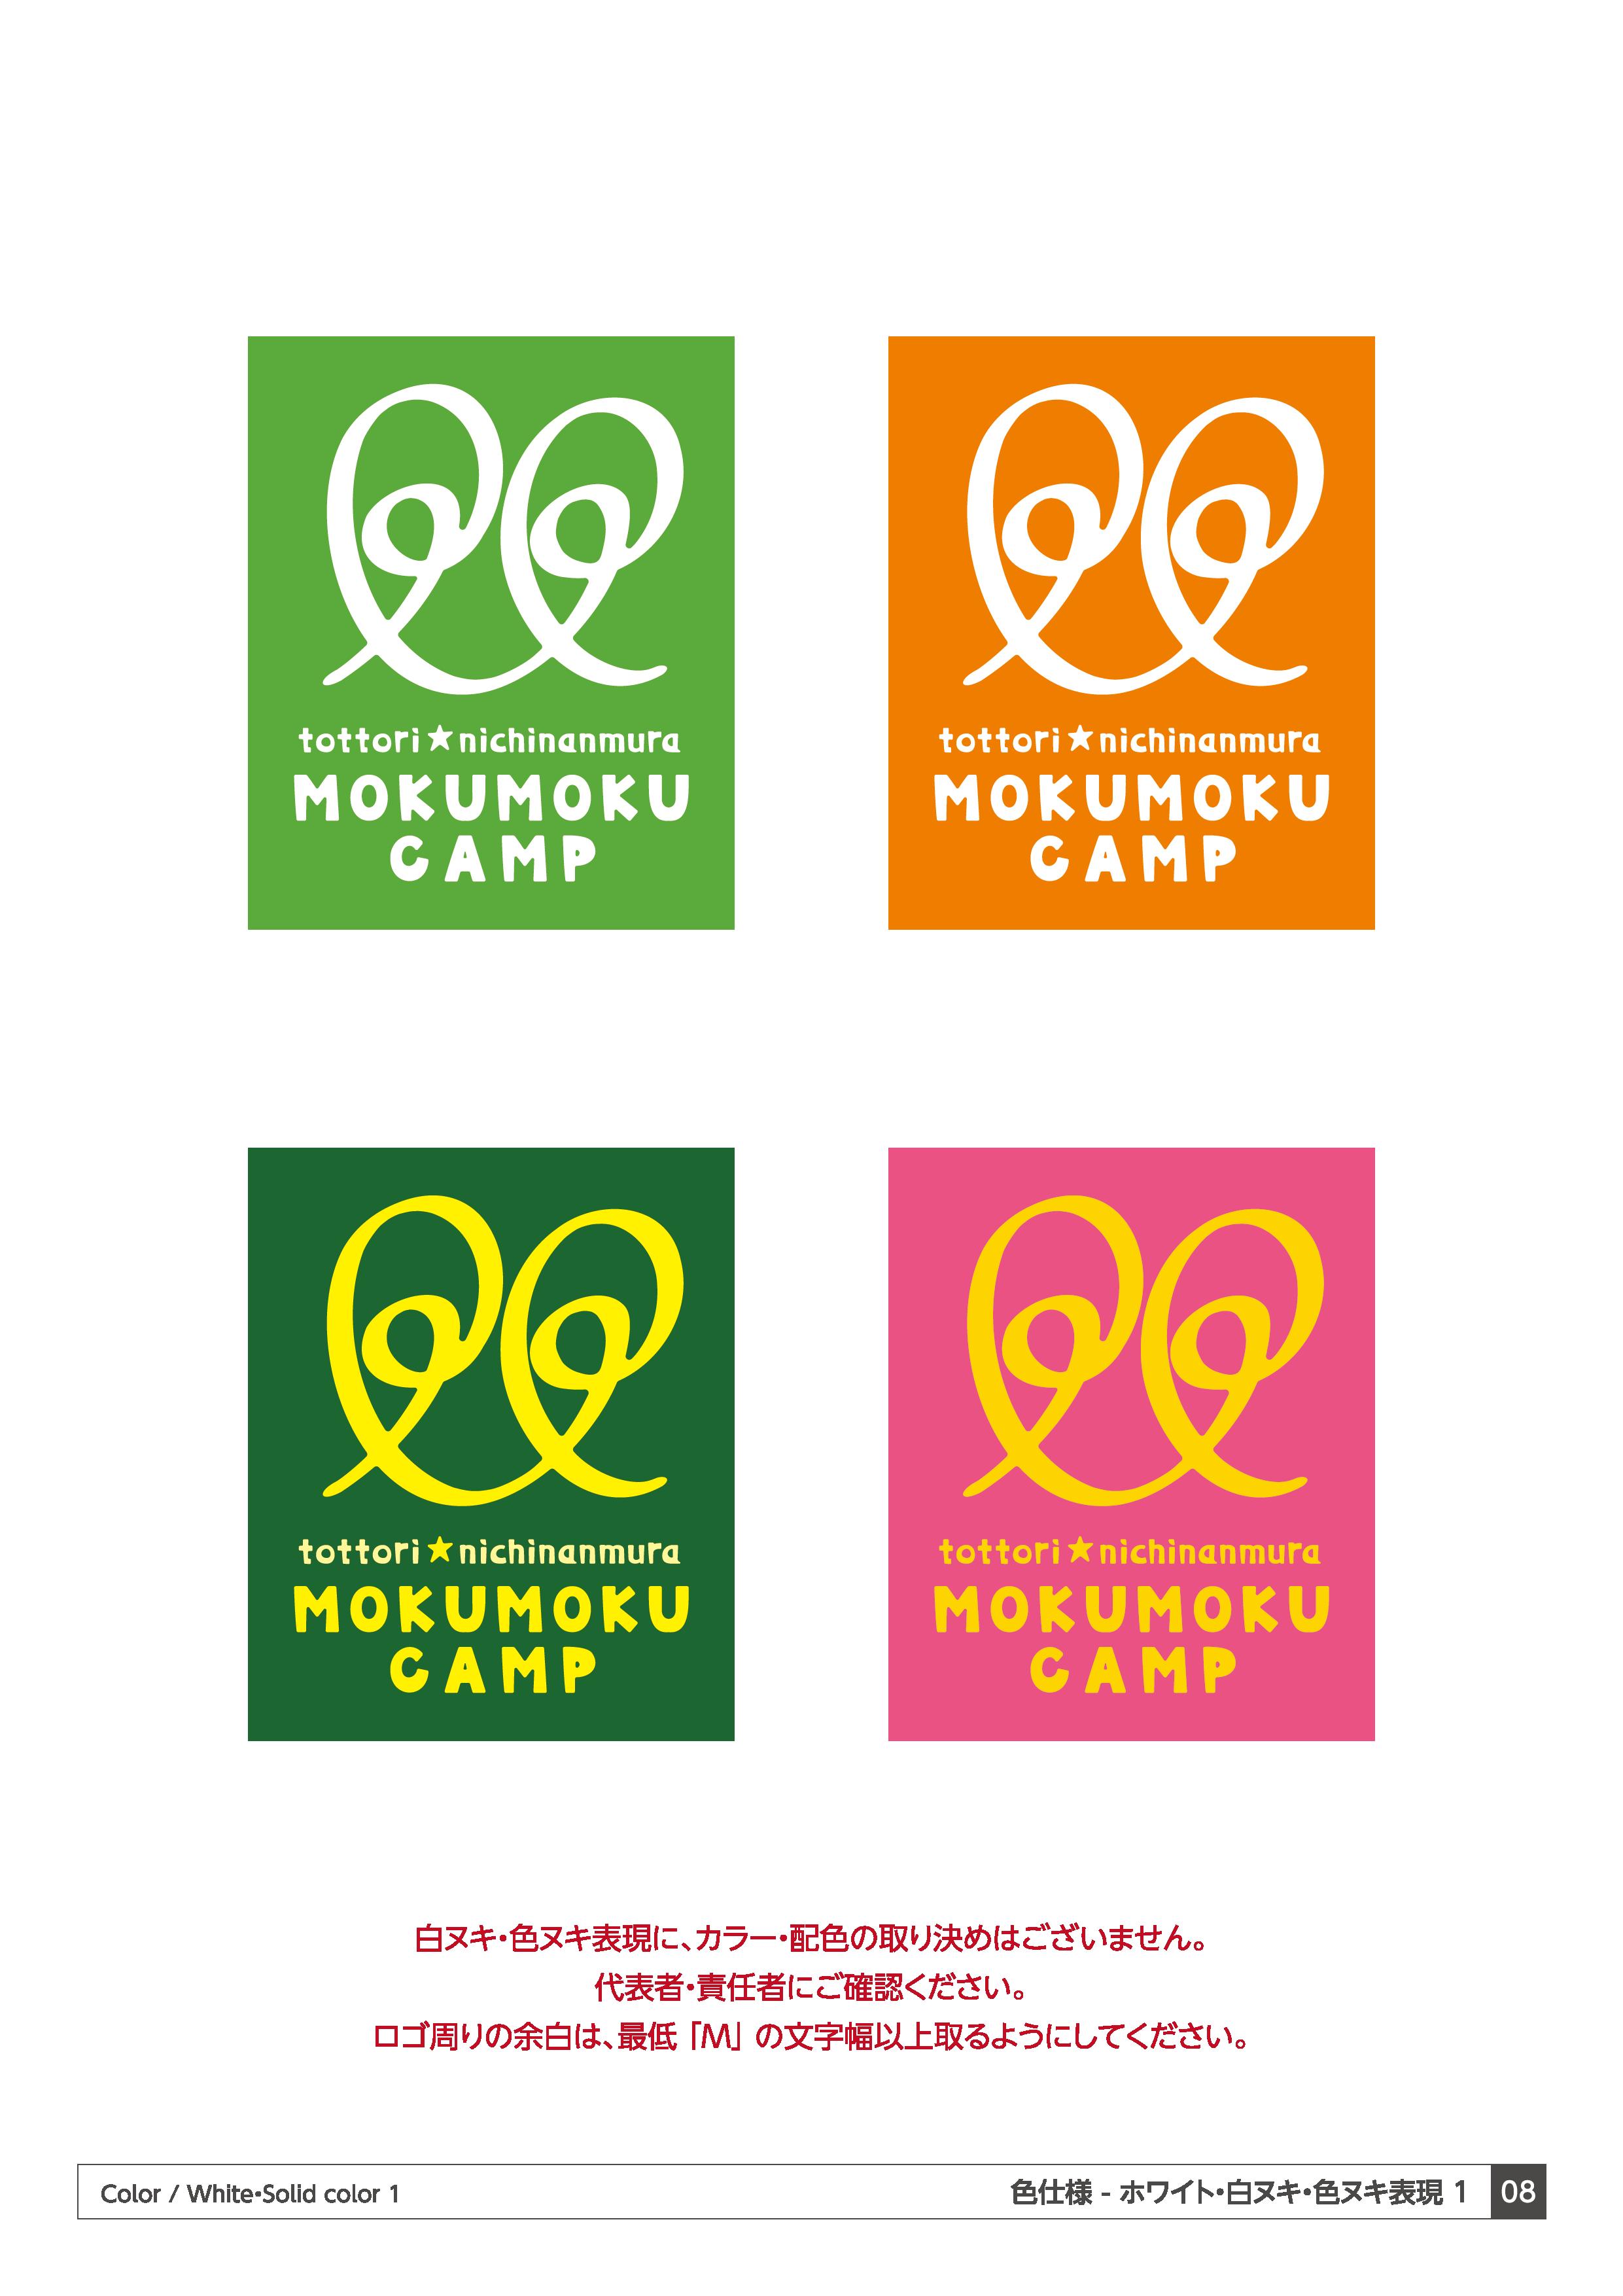 鳥取にちなんむらモクモクキャンプ-ロゴマーク09